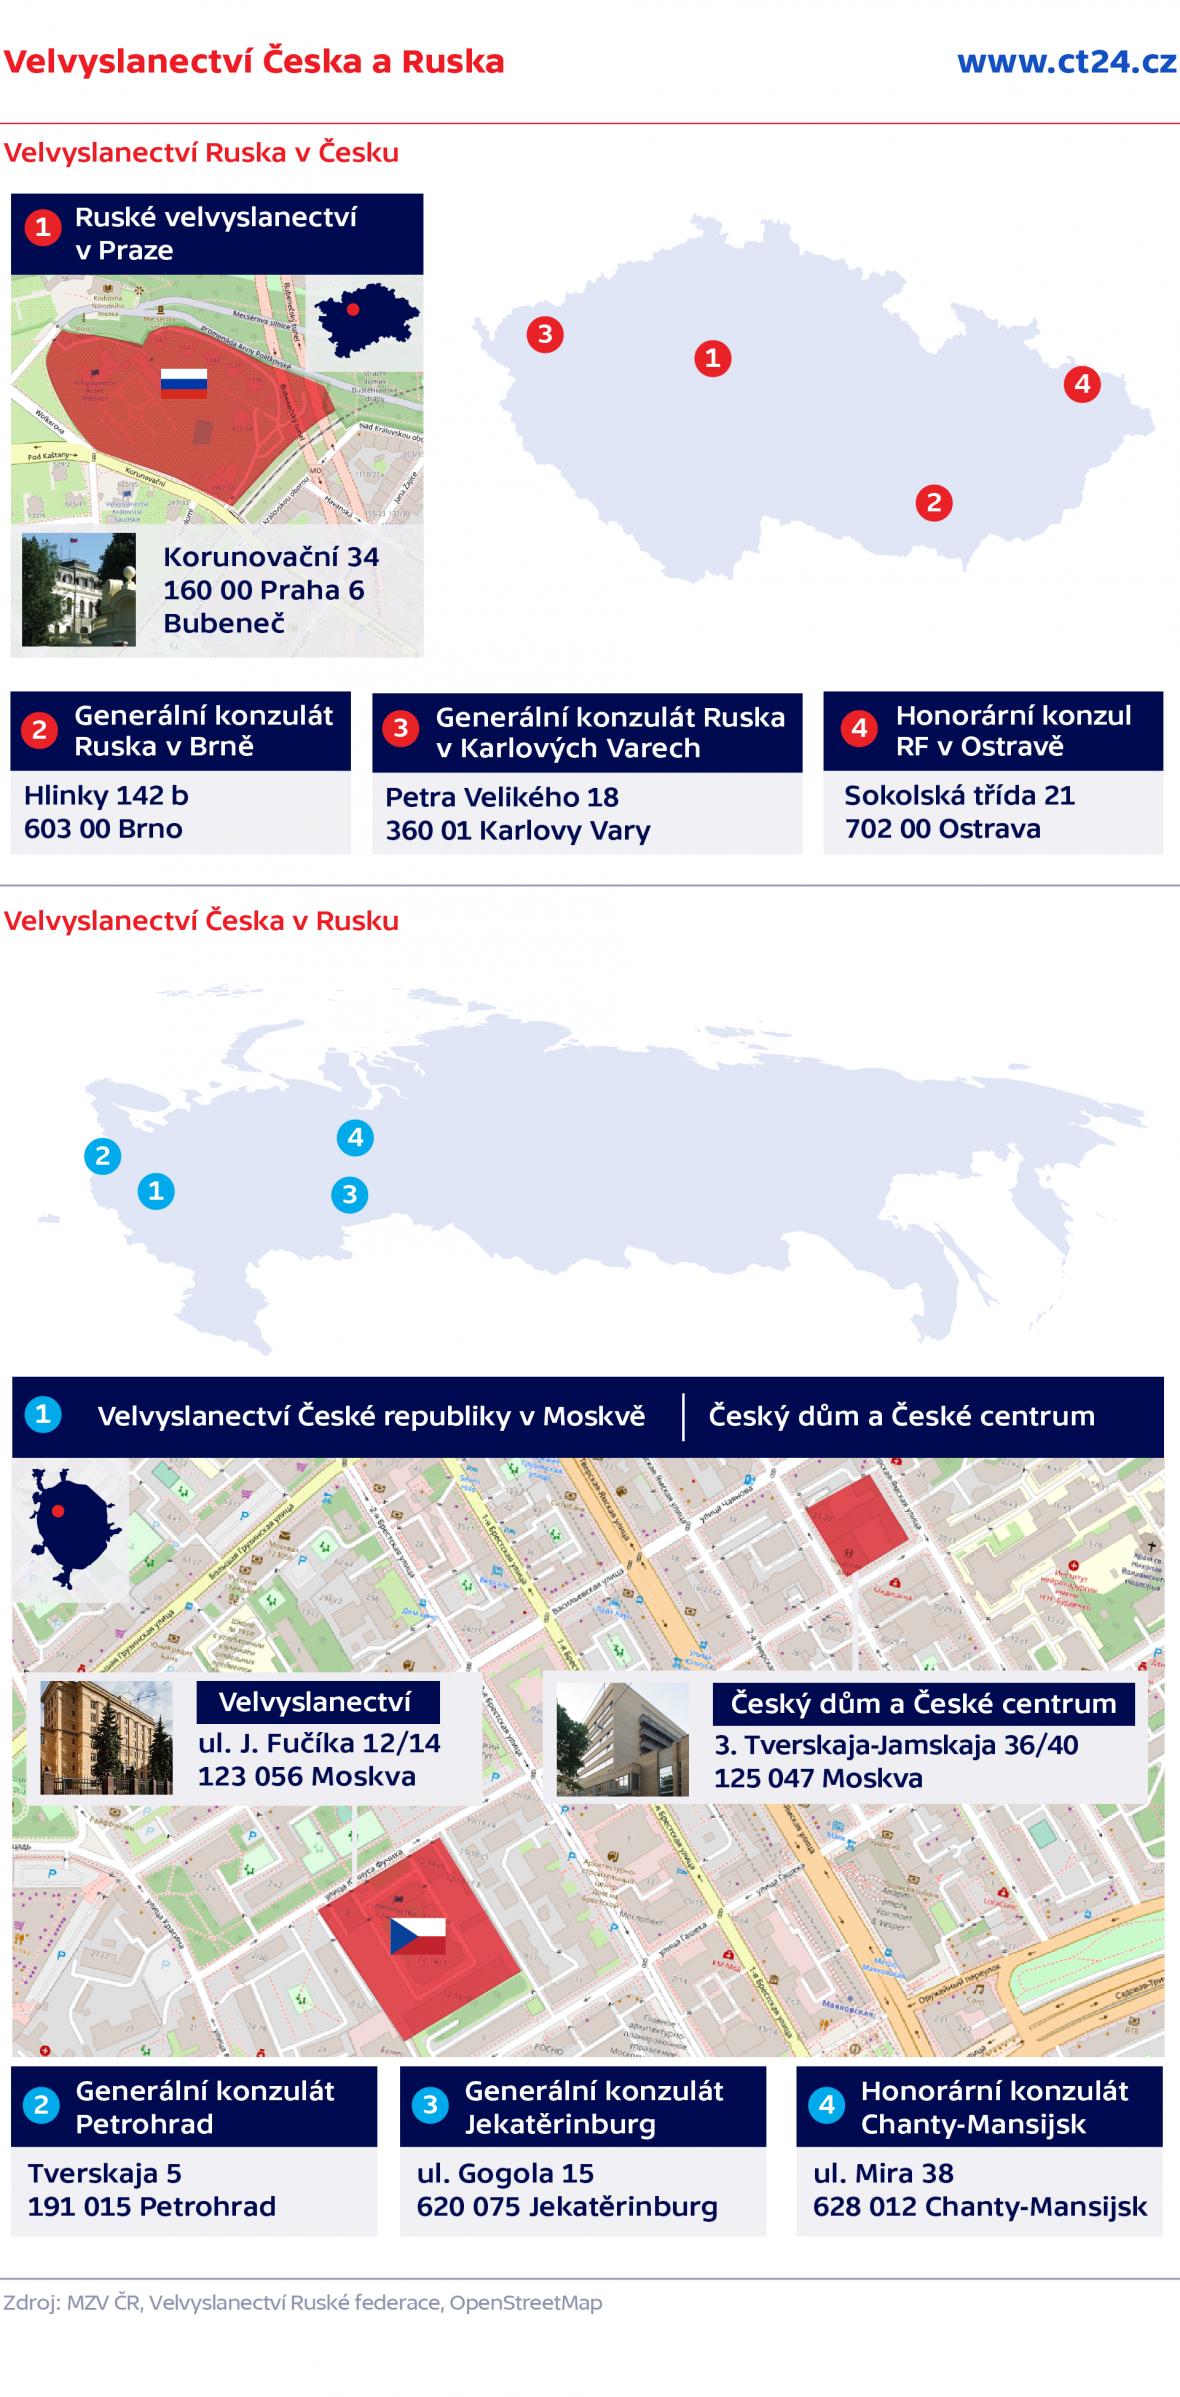 Velvyslanectví Česka a Ruska